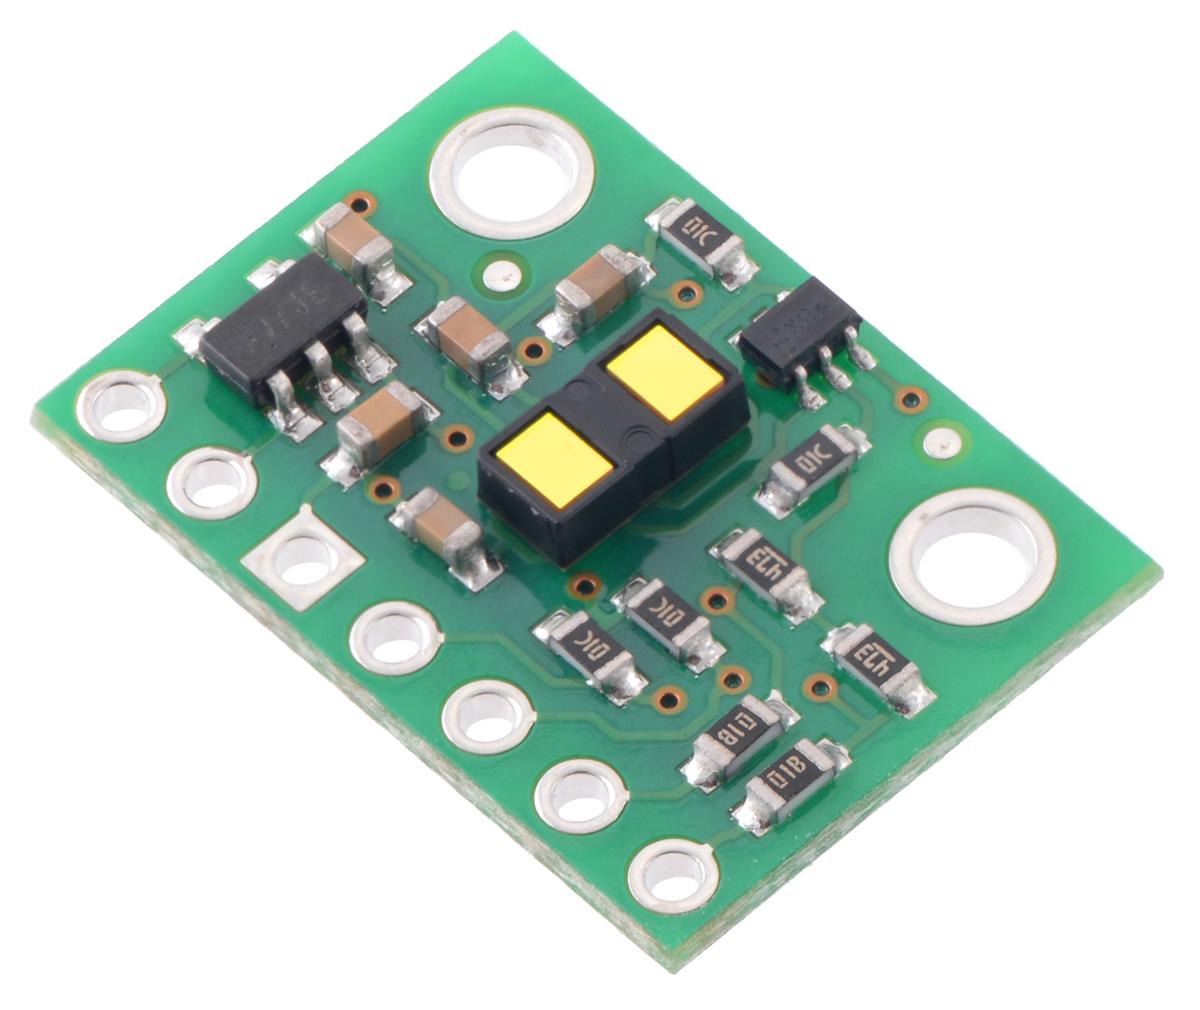 快讯:基于铁磁流体锥阵列的高性能摩擦电触觉传感器